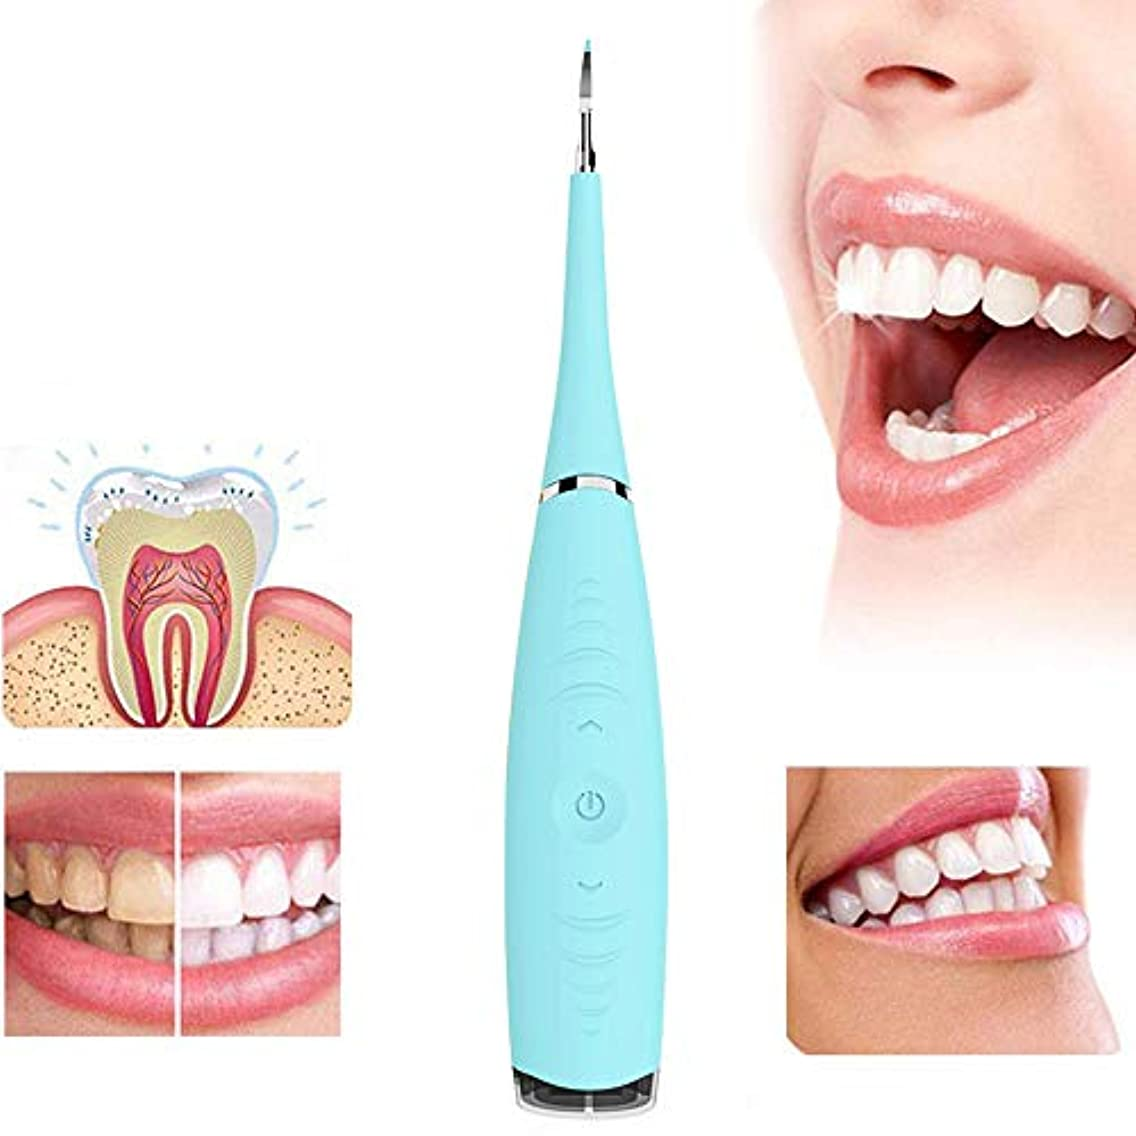 サークルを除く前任者歯をホワイトニング電動歯石除去ツール防水ステンレス鋼歯石スクレーパー歯のクリーニング消しゴム